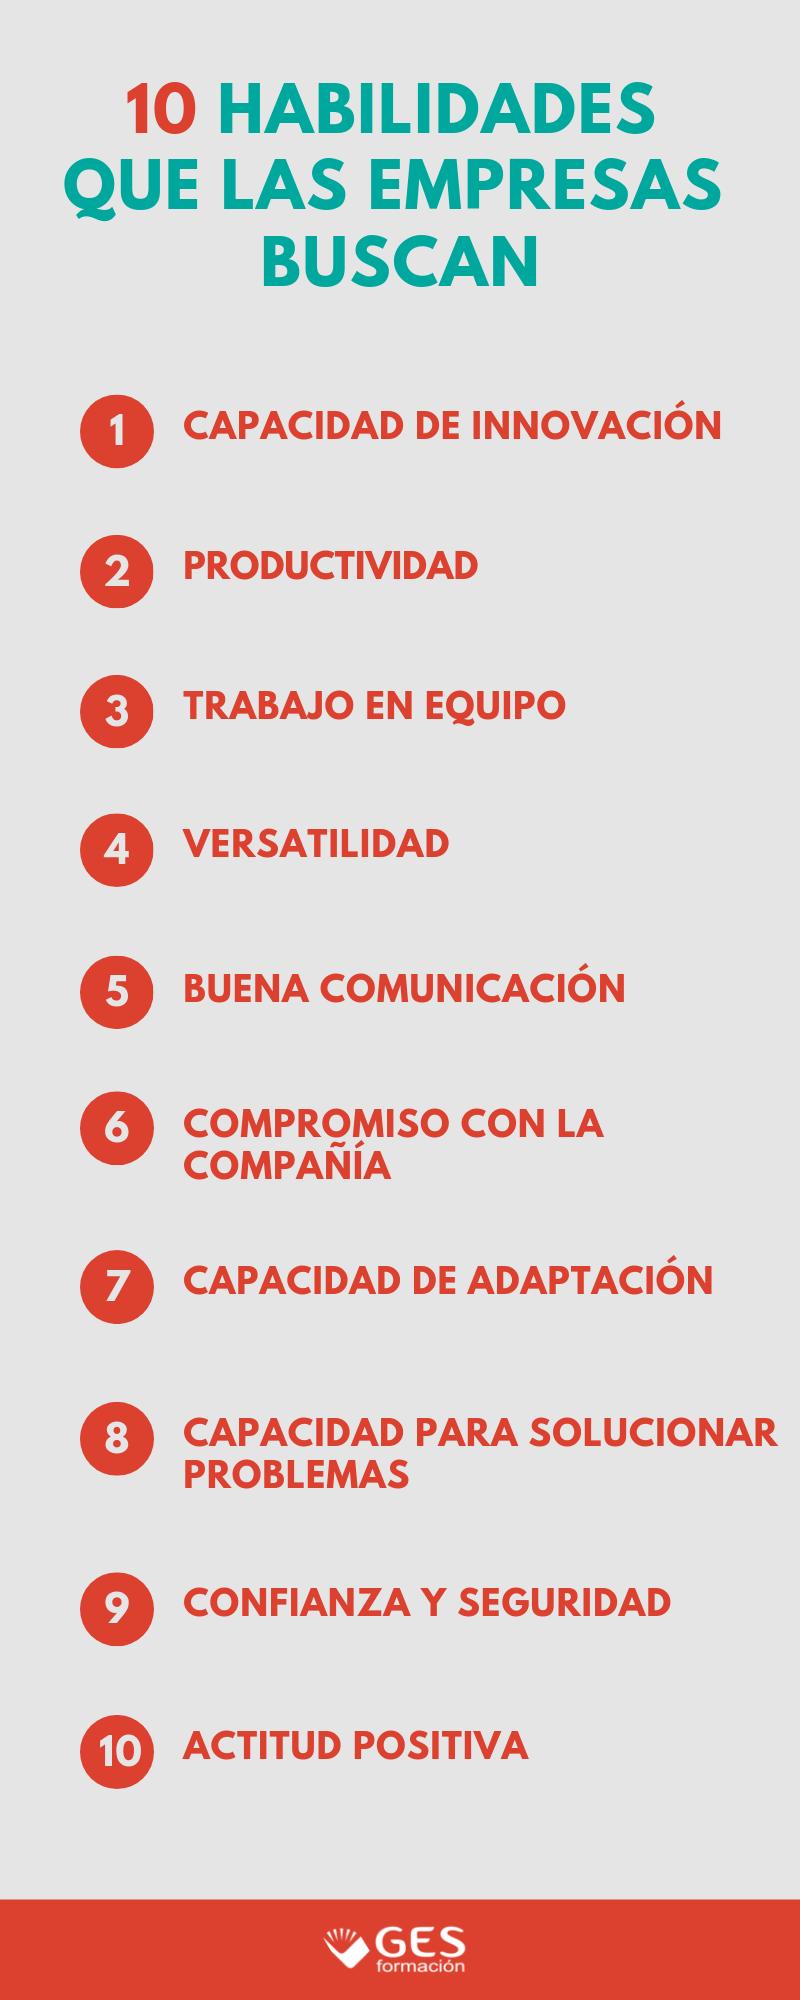 10 habilidades que las empresas buscan